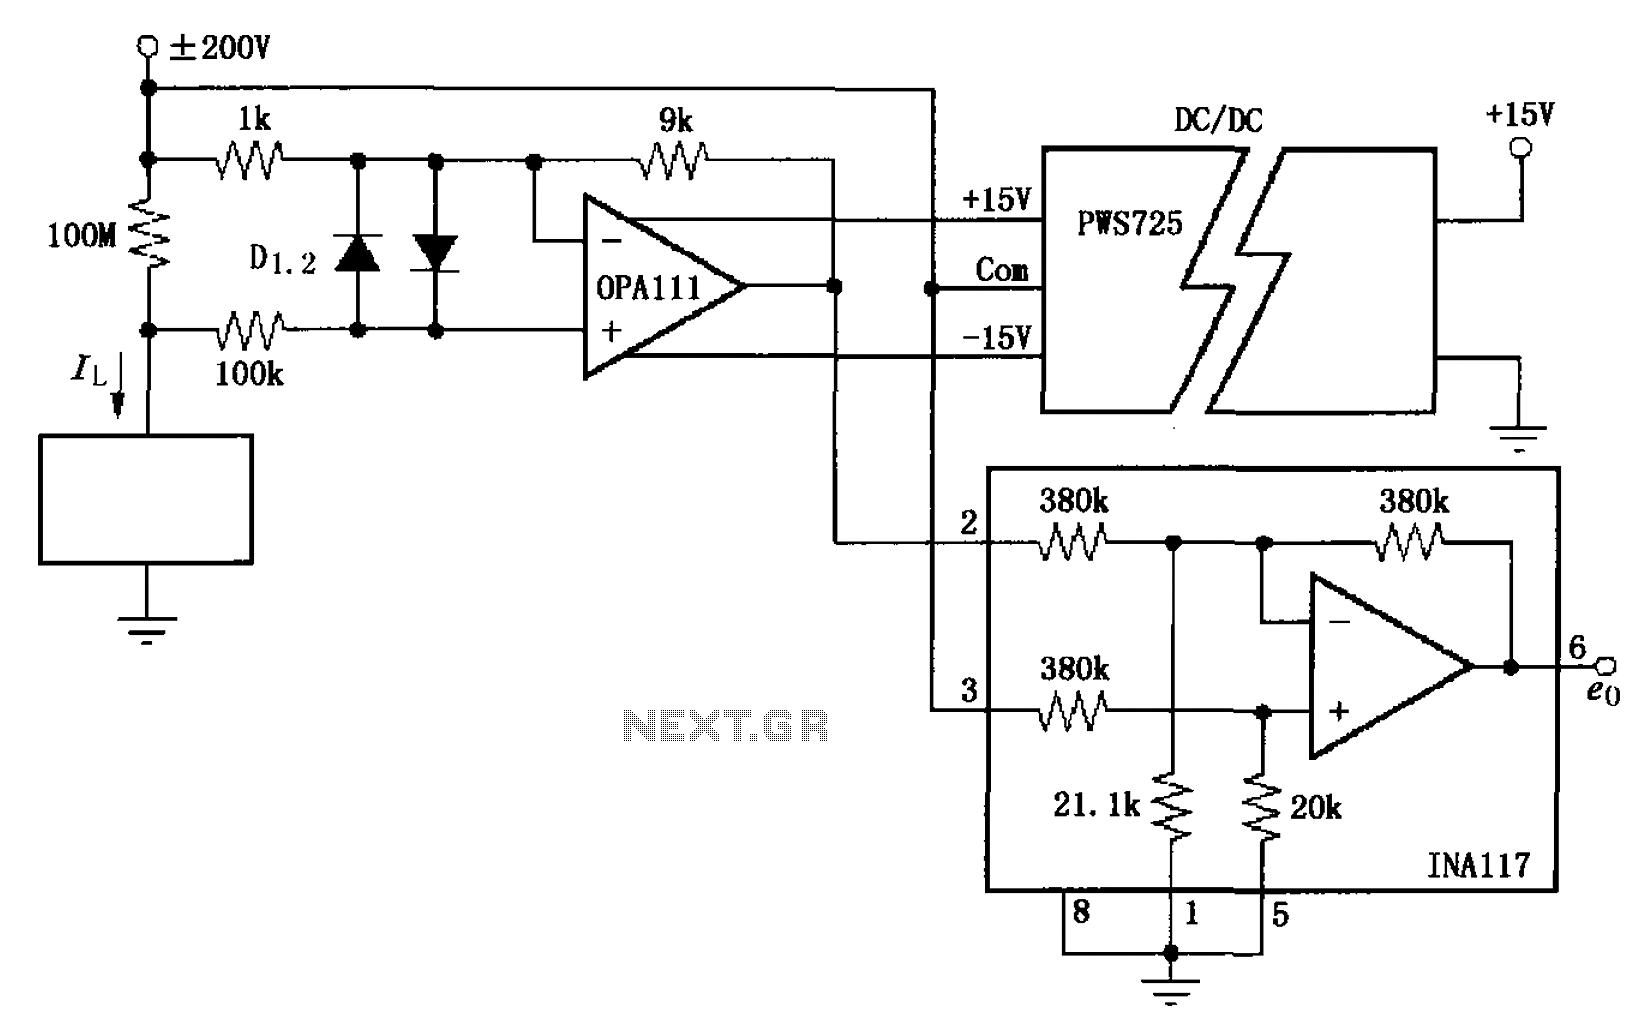 current schematic wiring diagram